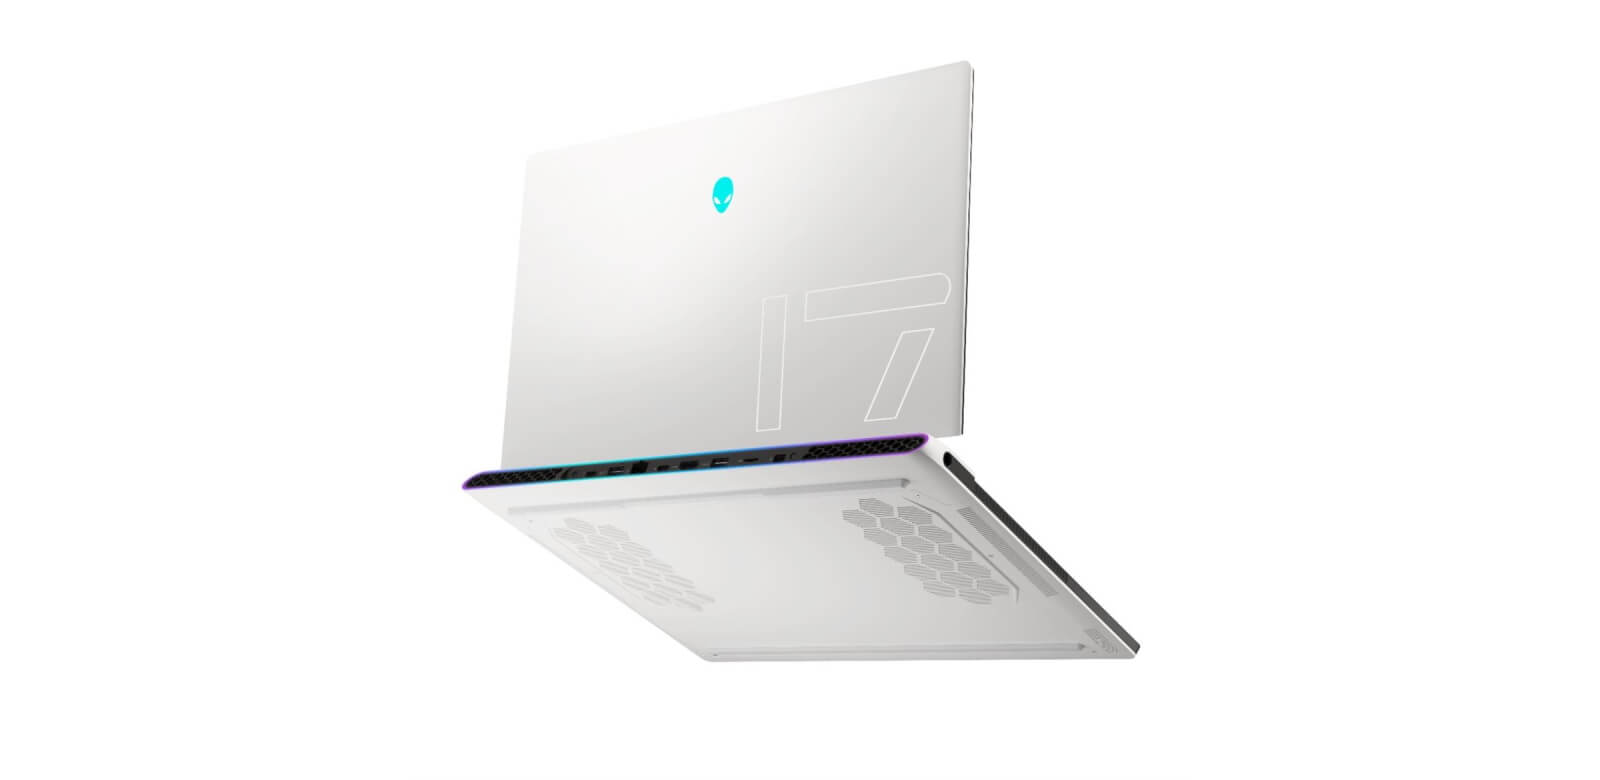 alienware x series laptop quad fan design